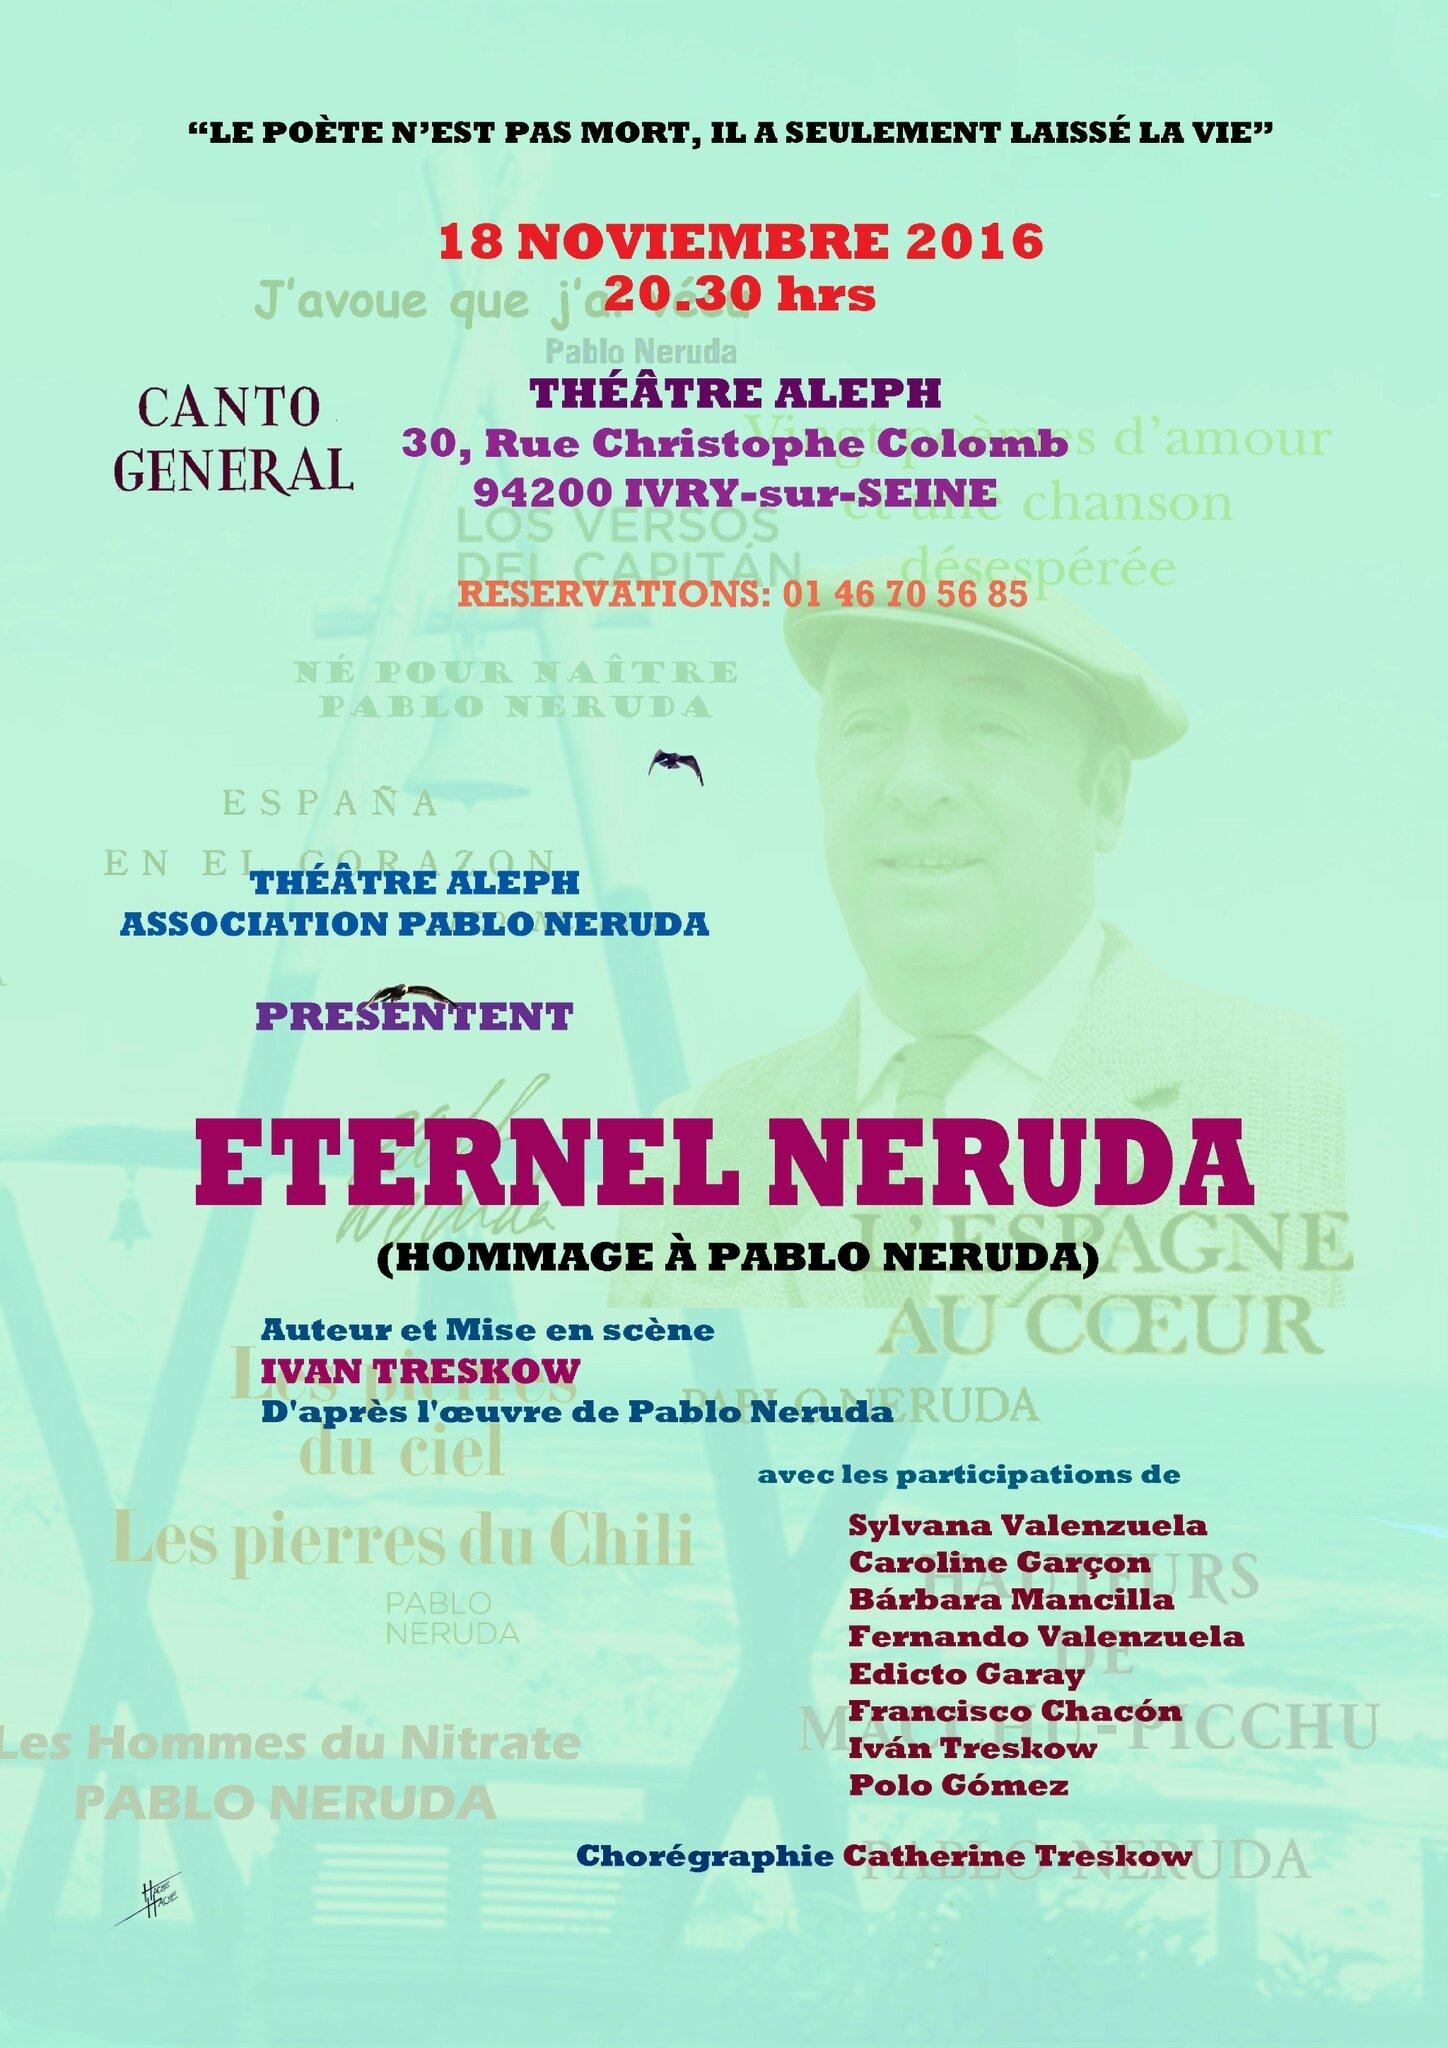 """Présentation """"ETERNEL NERUDA"""" d'après l'œuvre de Pablo Neruda"""